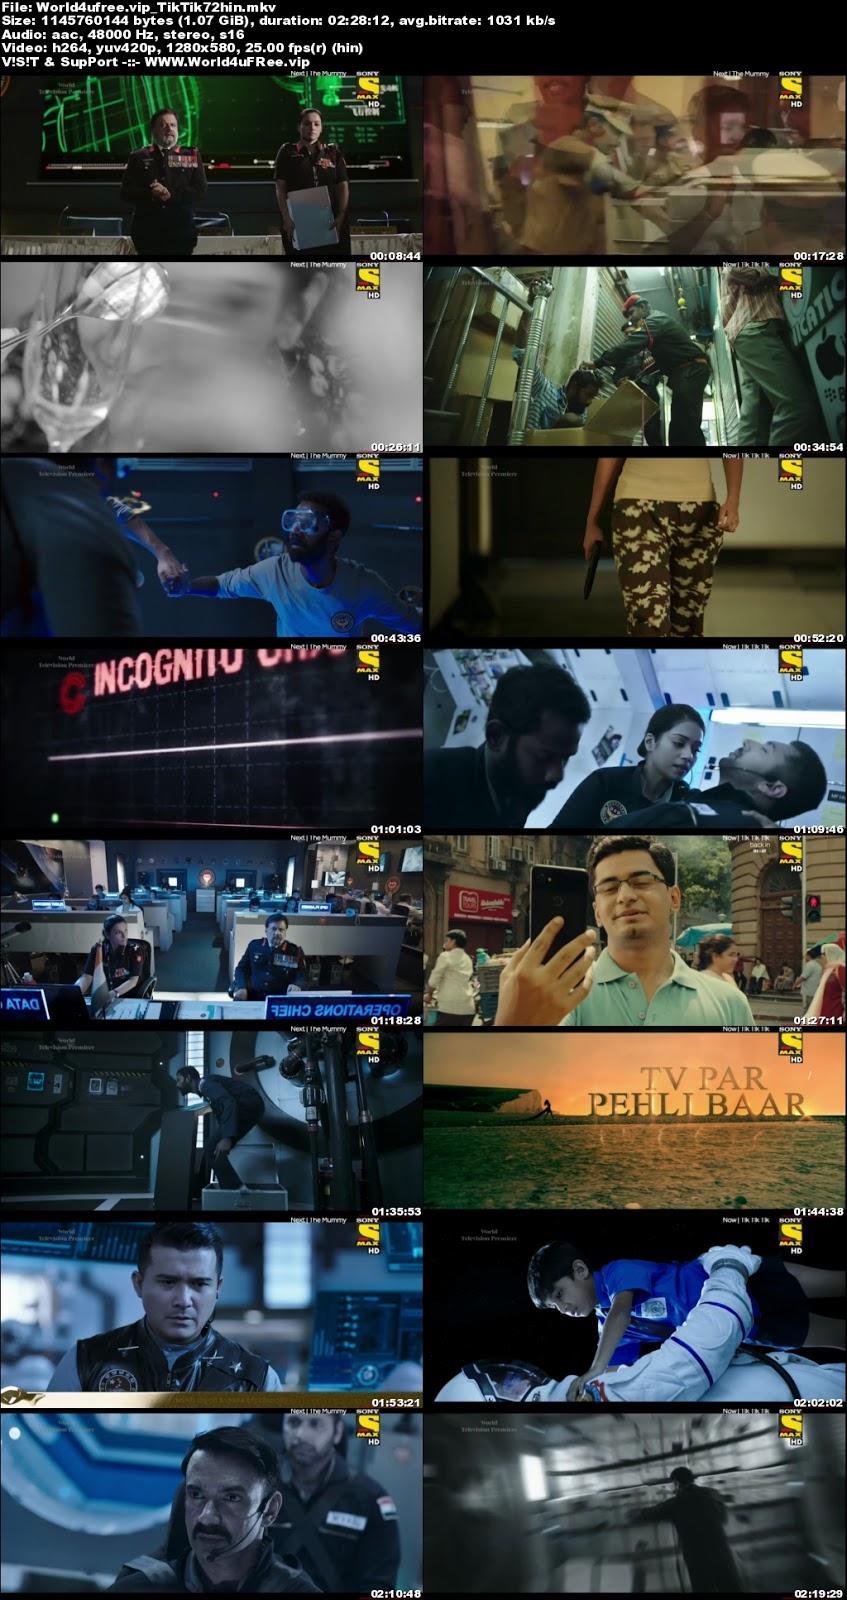 Tik Tik Tik 2018 Hindi Dubbed 720p HDTV 1.1Gb x264 world4ufree.vip , South indian movie Tik Tik Tik 2018 hindi dubbed world4ufree.vip 720p hdrip webrip dvdrip 700mb brrip bluray free download or watch online at world4ufree.vip